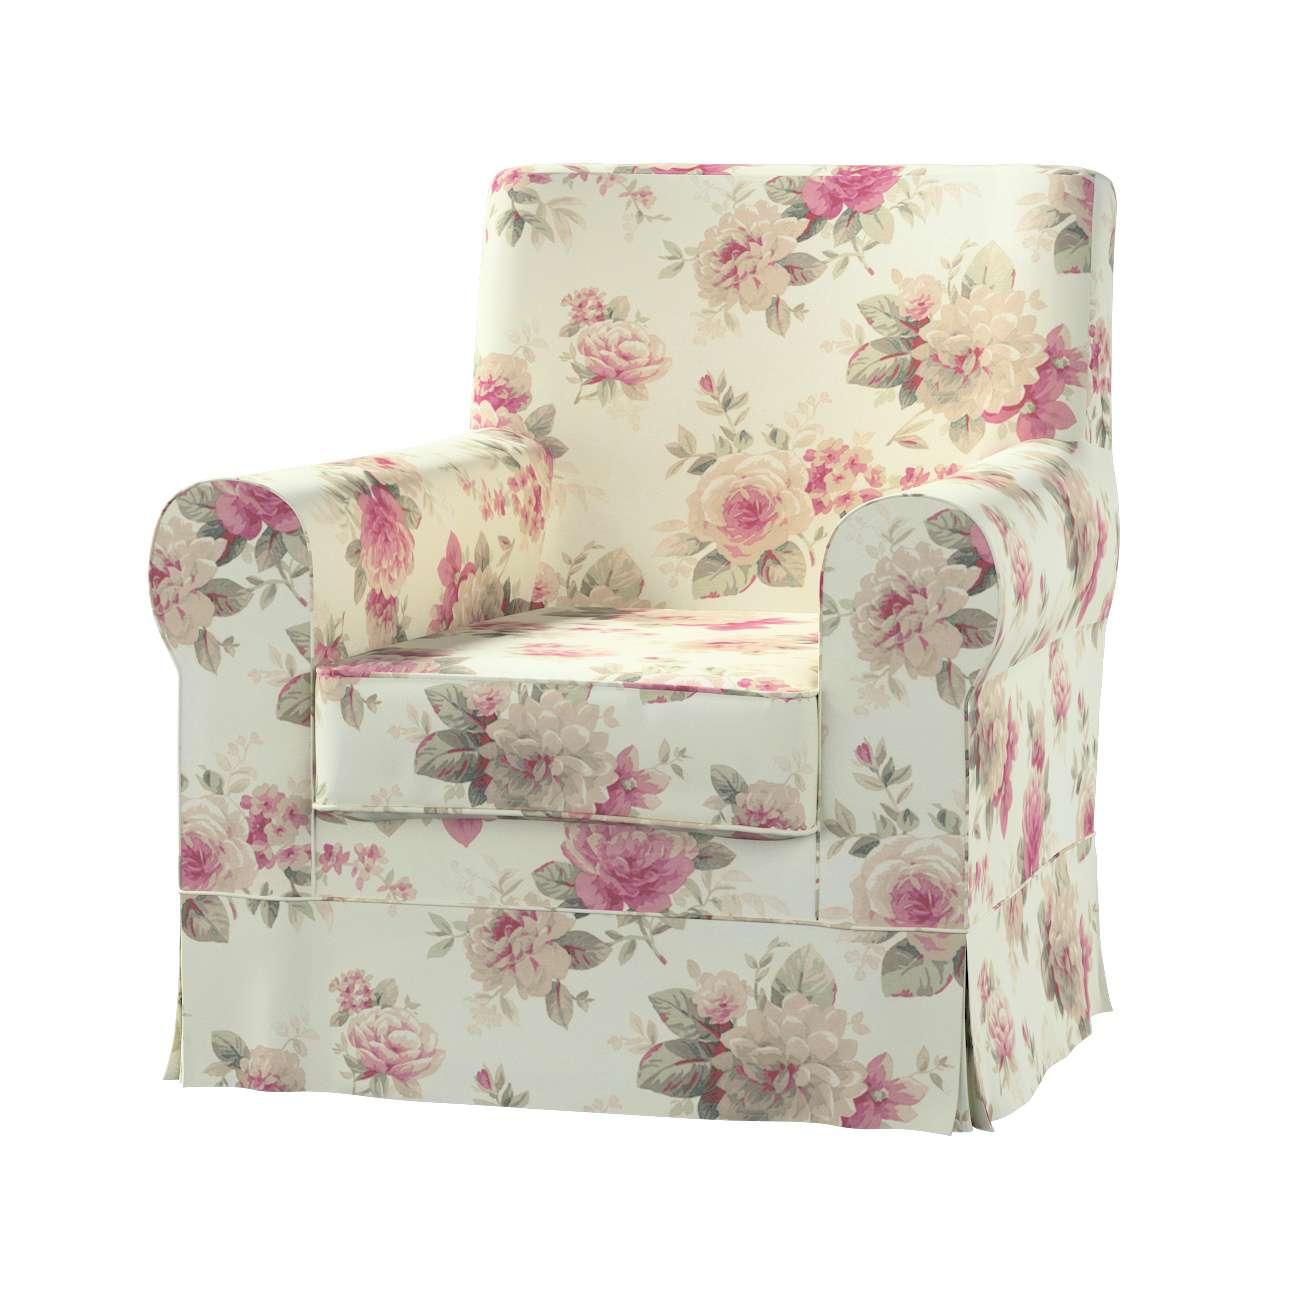 EKTORP JENNYLUND fotelio užvalkalas Ektorp Jennylund fotelio užvalkalas kolekcijoje Mirella, audinys: 141-07